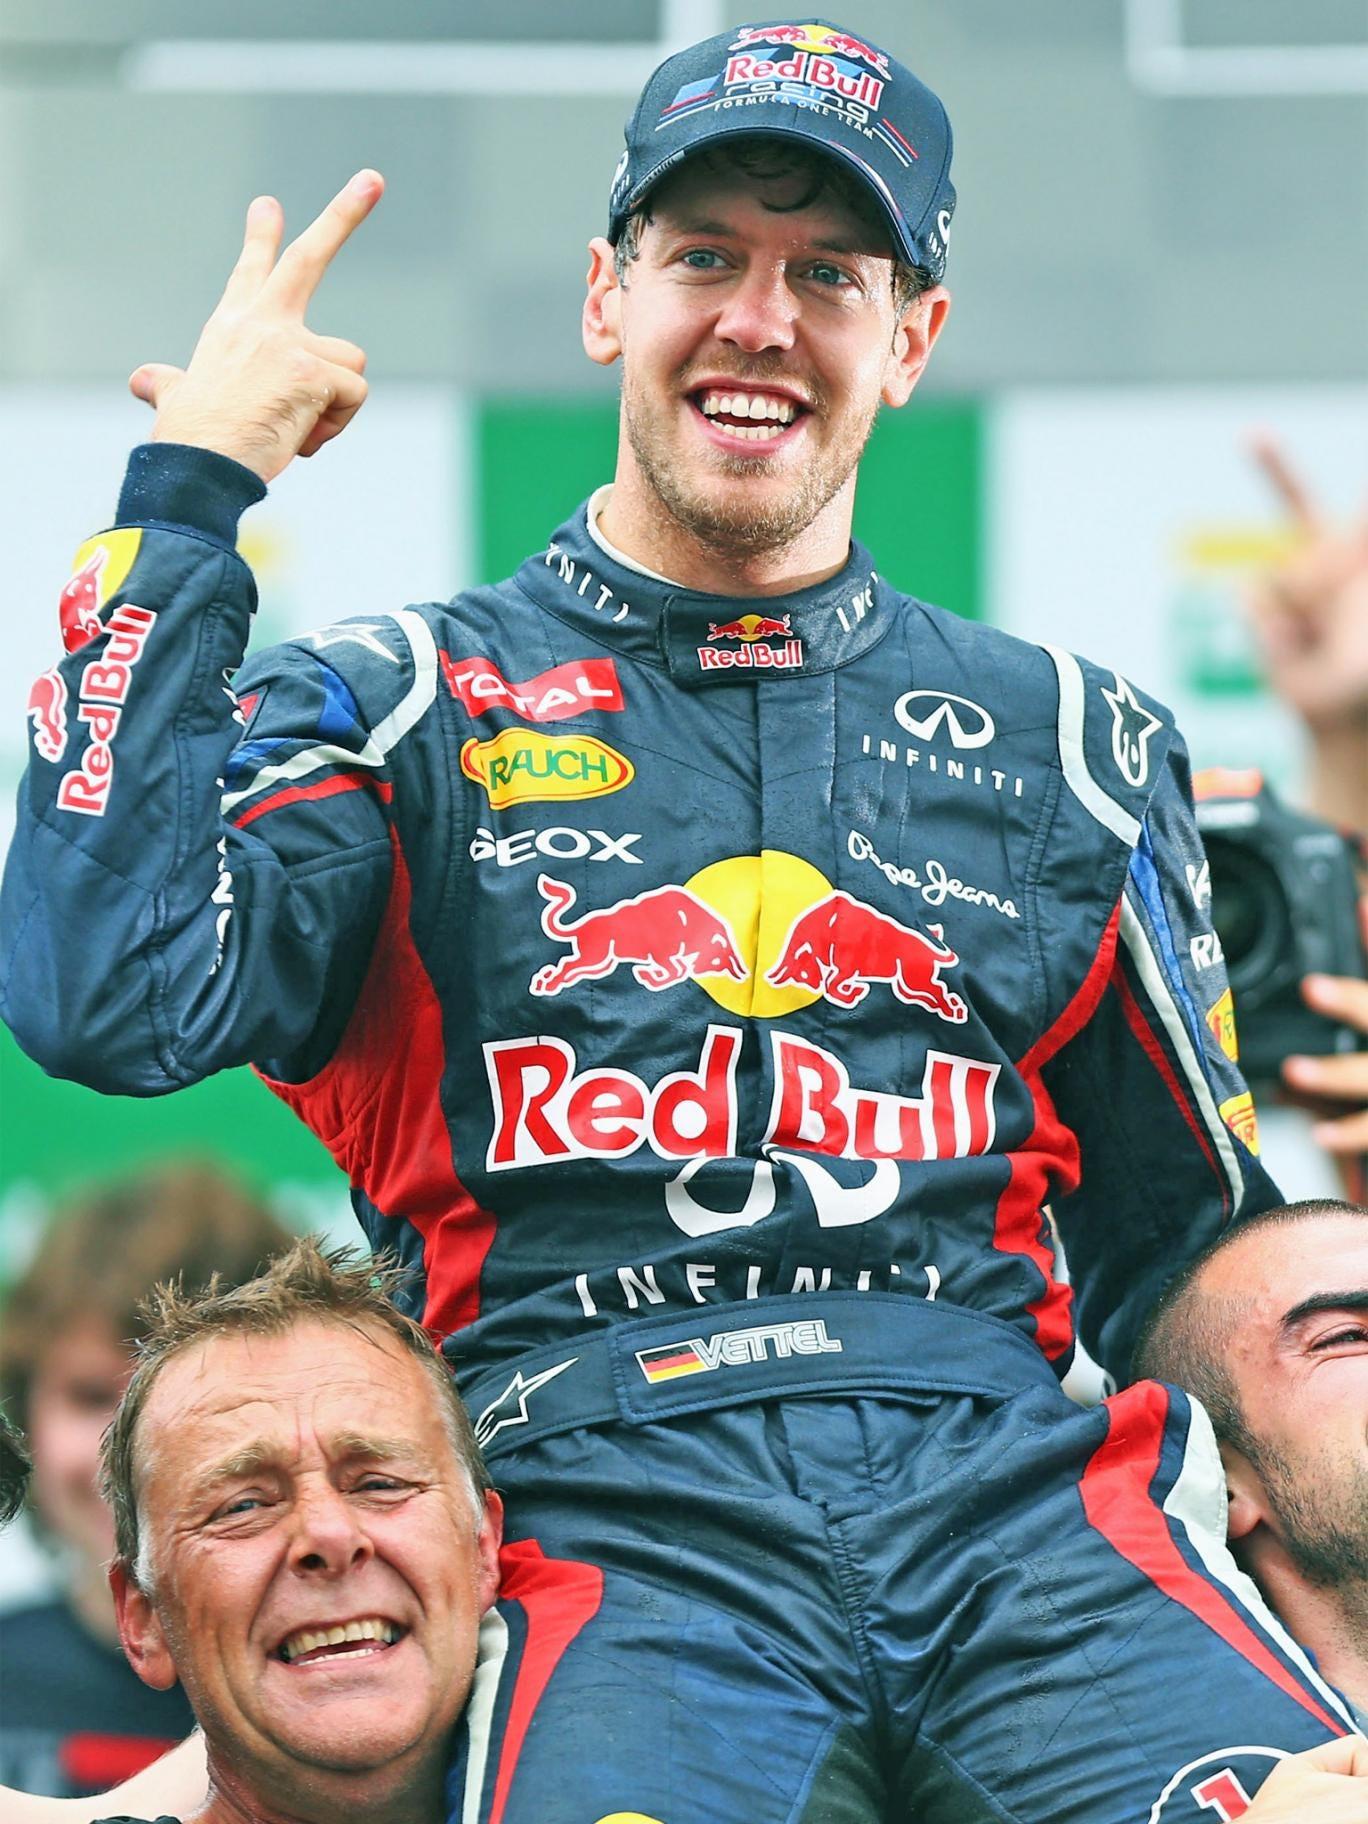 Sebastian Vettel, of Red Bull, again proved Alonso's nemesis